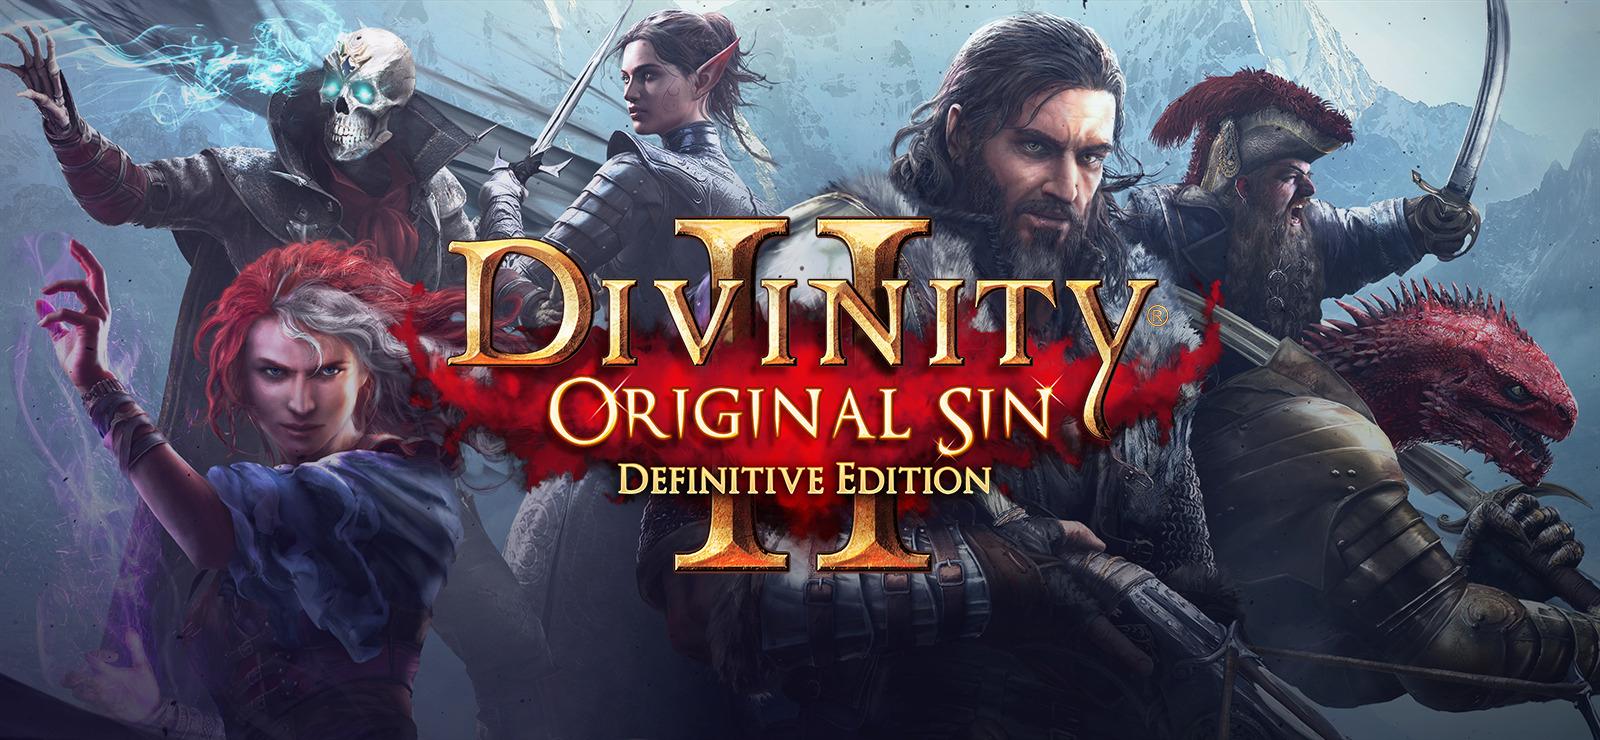 Divinity: Original Sin 2 - Definitive Edition sur PC (Dématérialisé, store Russe via VPN)